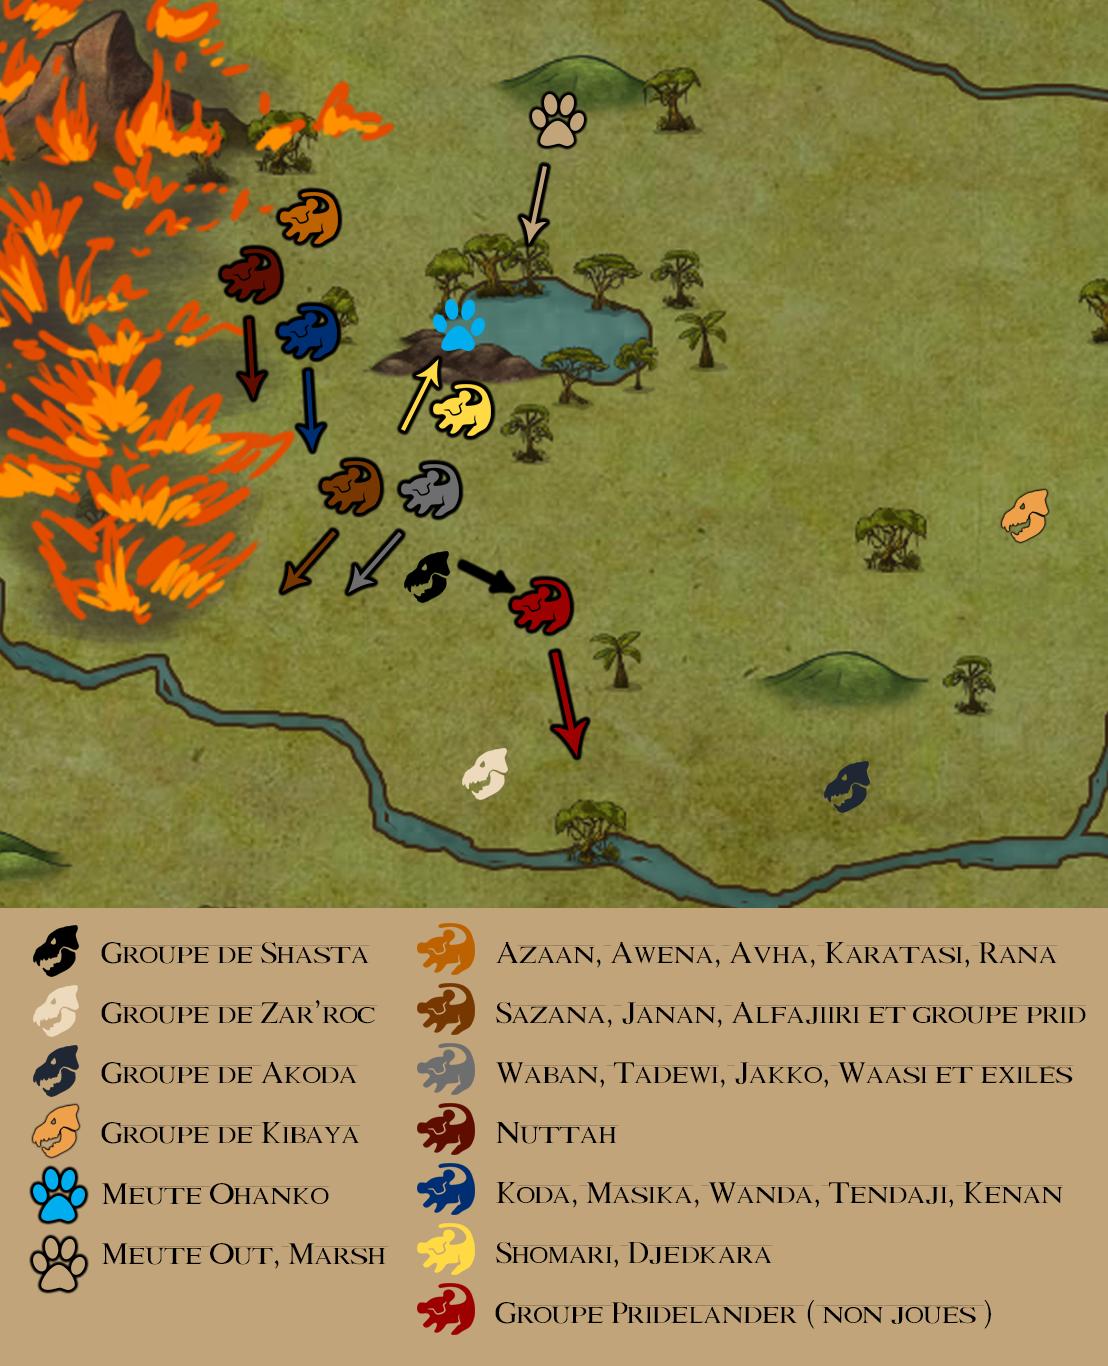 L'enfer Zélé EVENT [Pridelanders/Mositus/Exiles/Hyènes] - Page 2 Map_event_pride